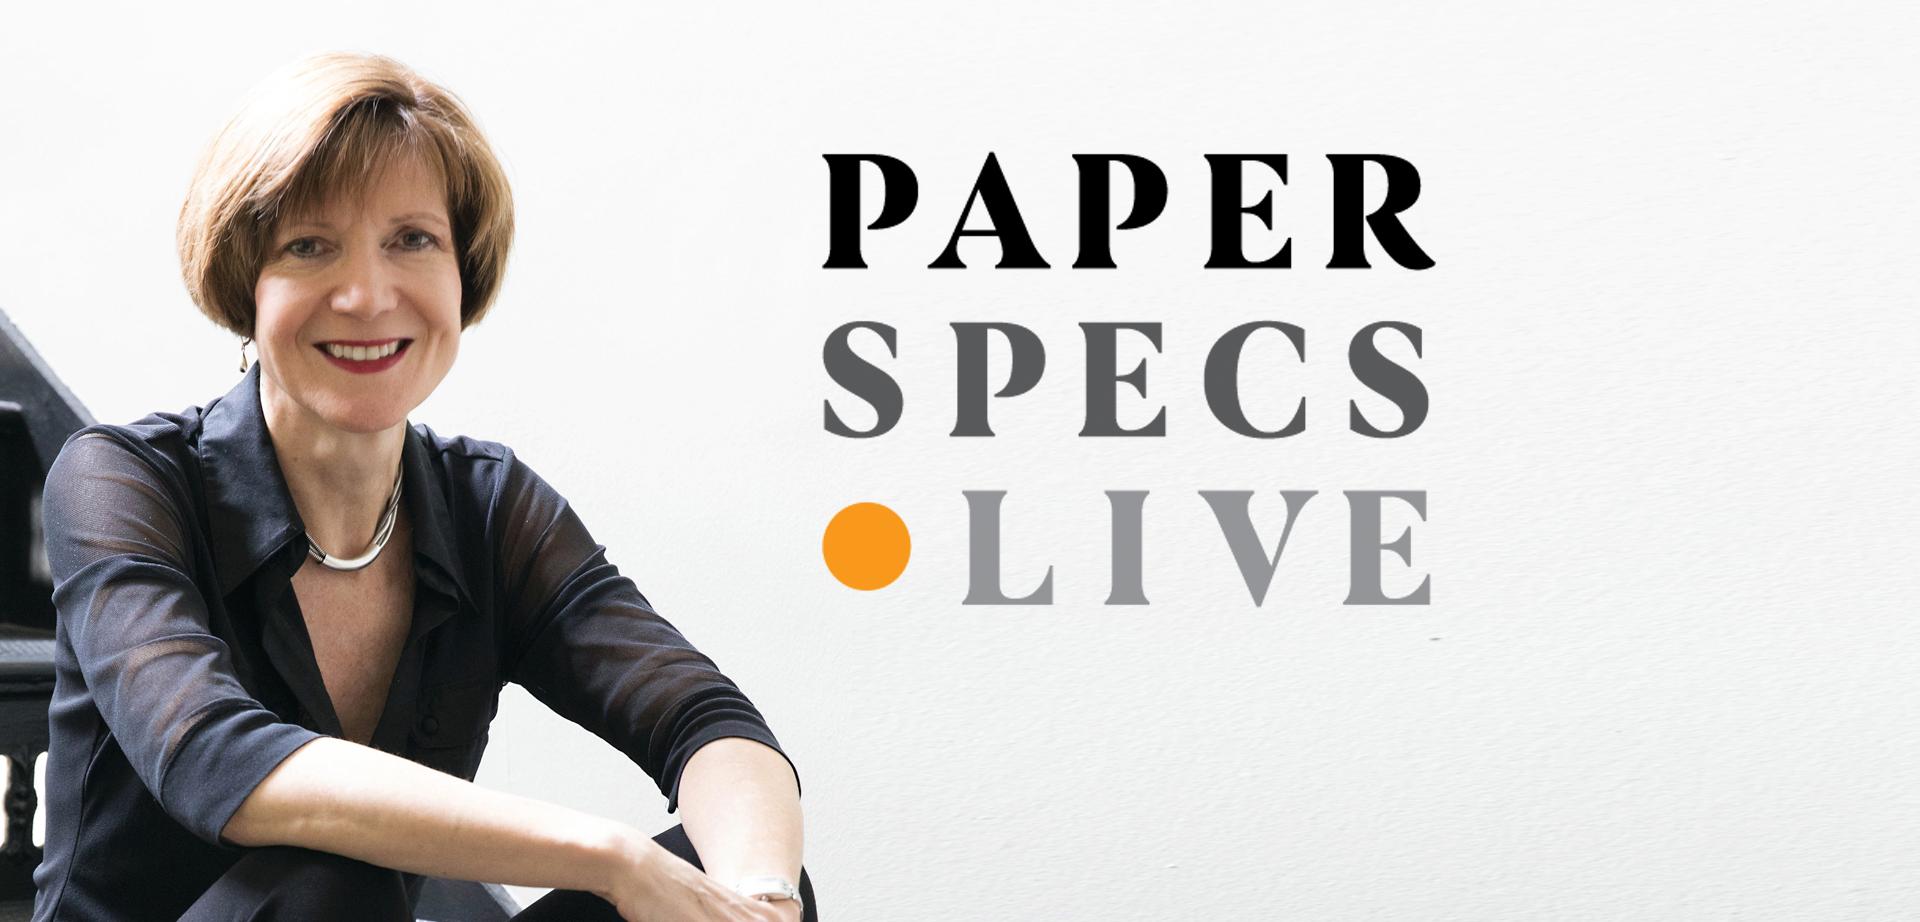 PaperSpecs Live Header